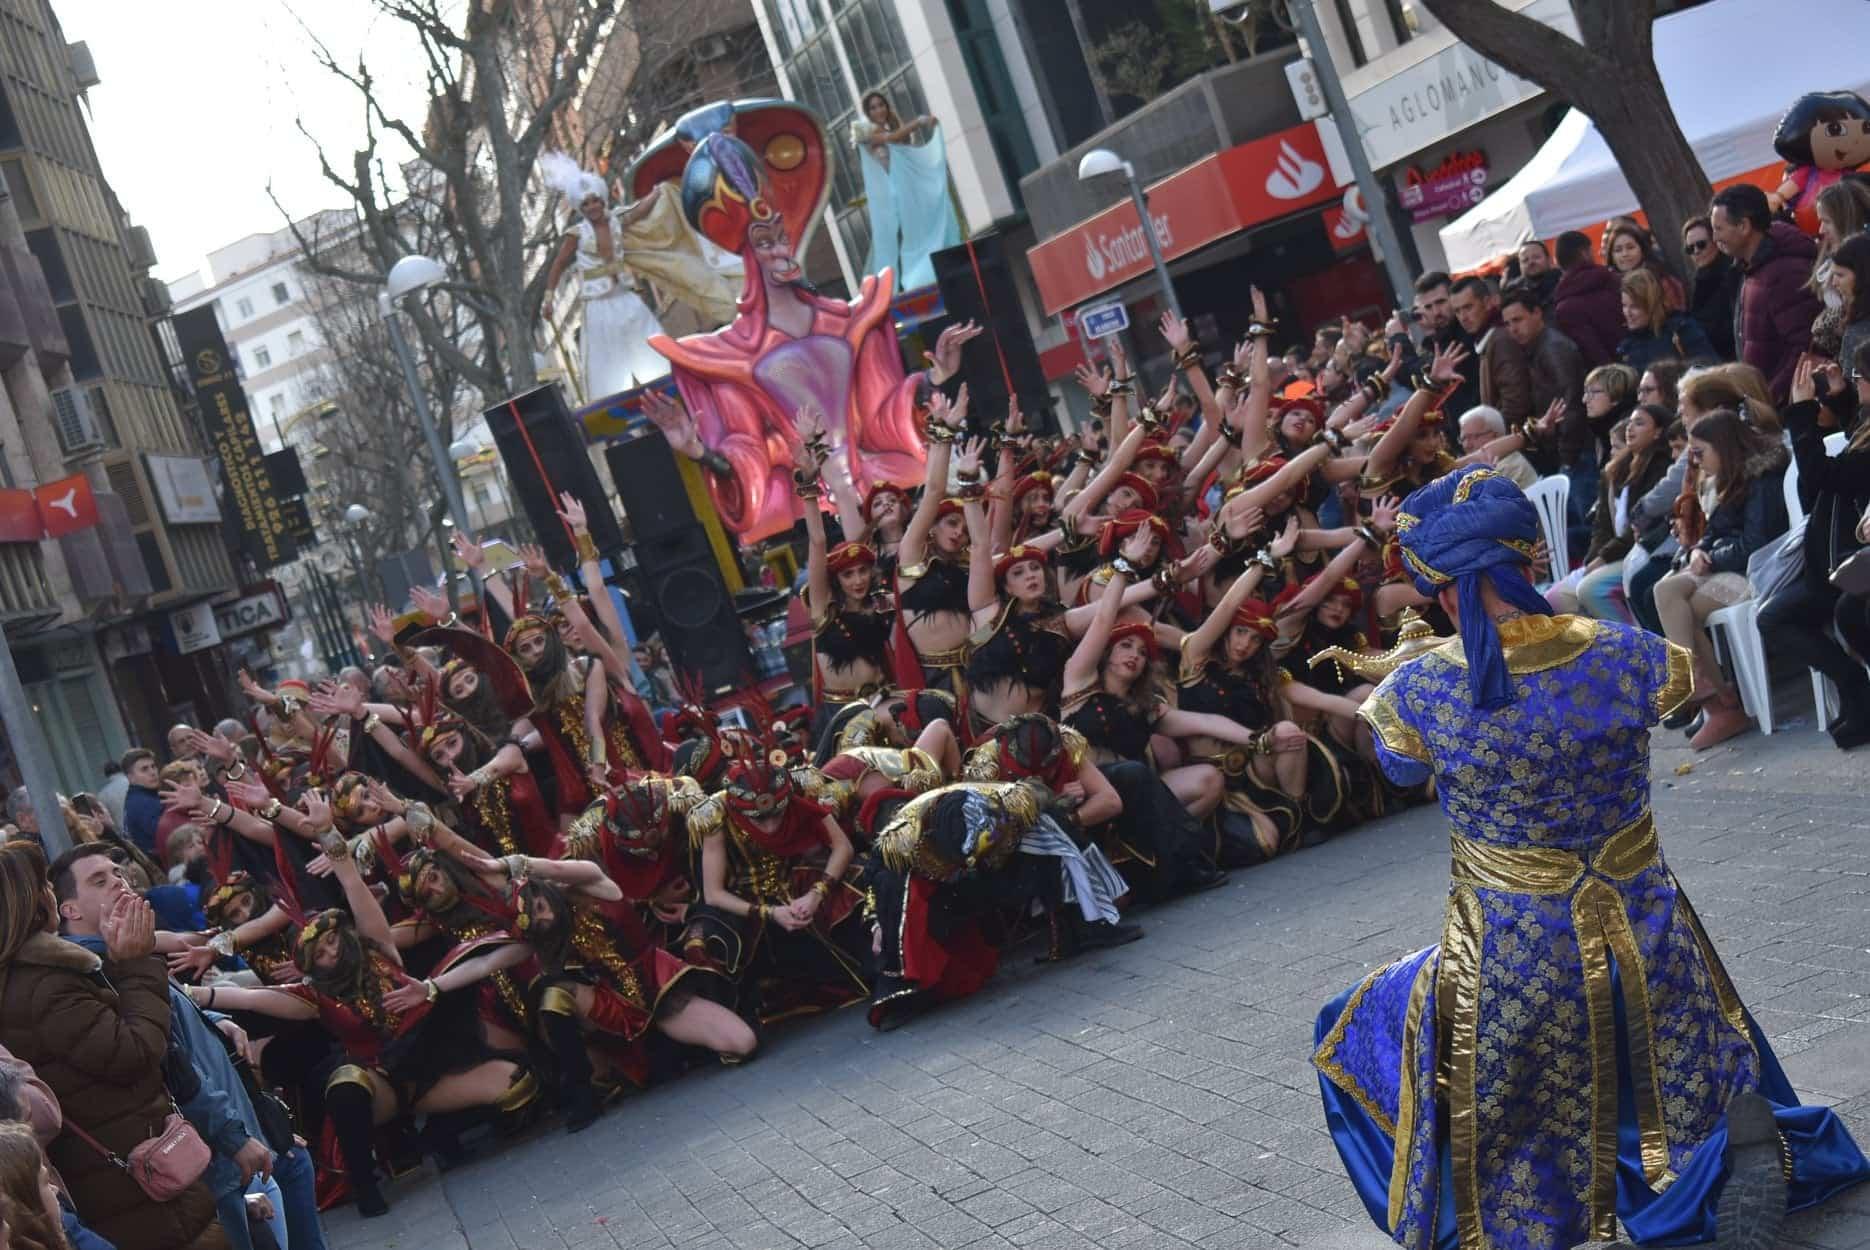 Carnaval de ciudad real 2020 axonsou arlequin oro herencia 15 - Axonsou se lleva el Arlequín de Oro en Ciudad Real